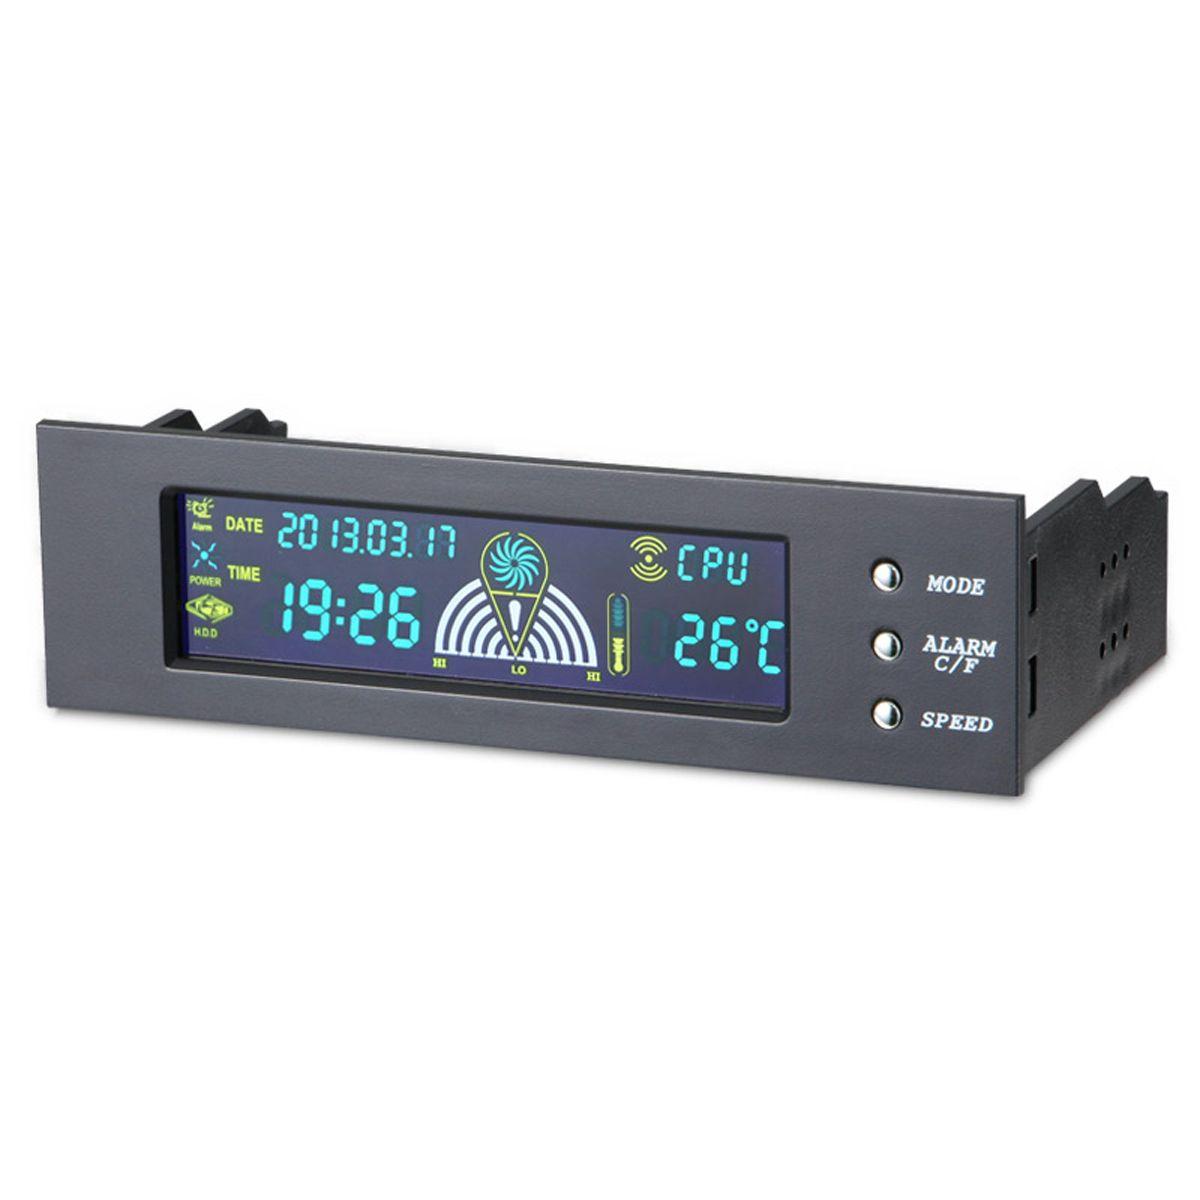 5.25 pouces 5-12 V PC Ordinateur Contrôleur de Ventilateur 3 Fan Speed Controller Température Capteur LCD Numérique Affichage Avant panneau pour PC